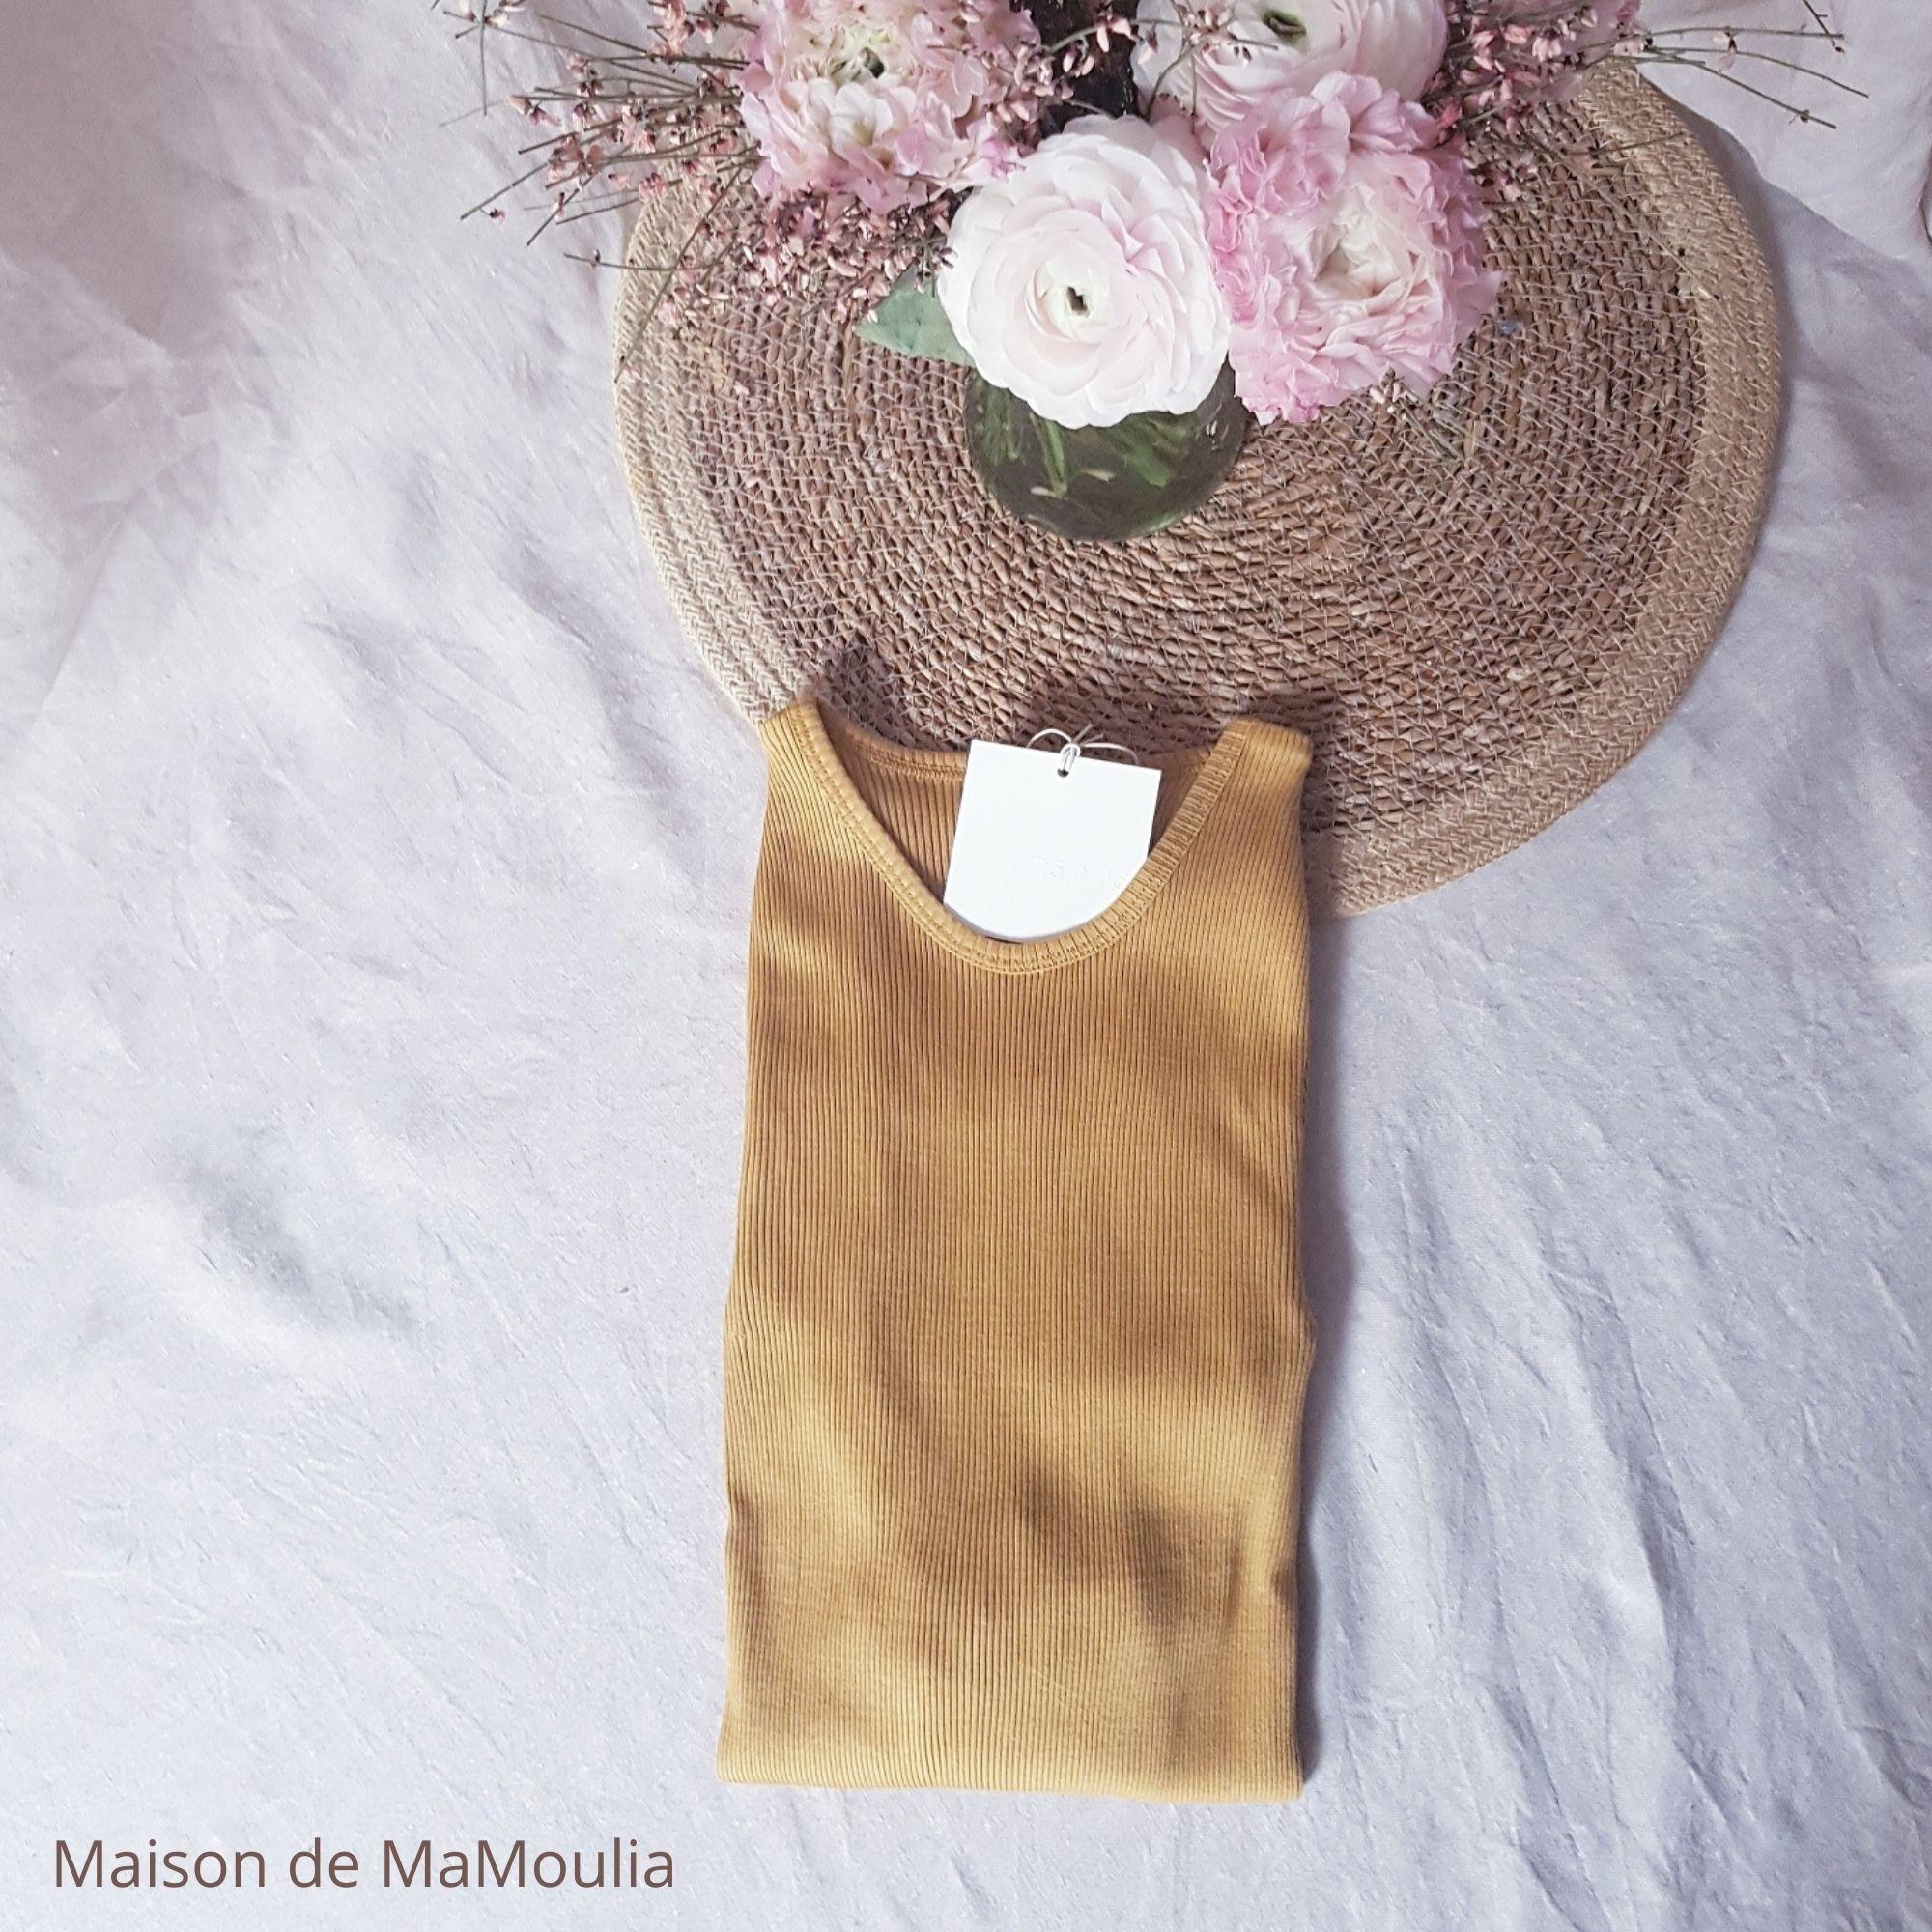 MINIMALISMA - Top pour femme - manches longues - Soie 70% / coton 30% - Gerda - Golden leaf